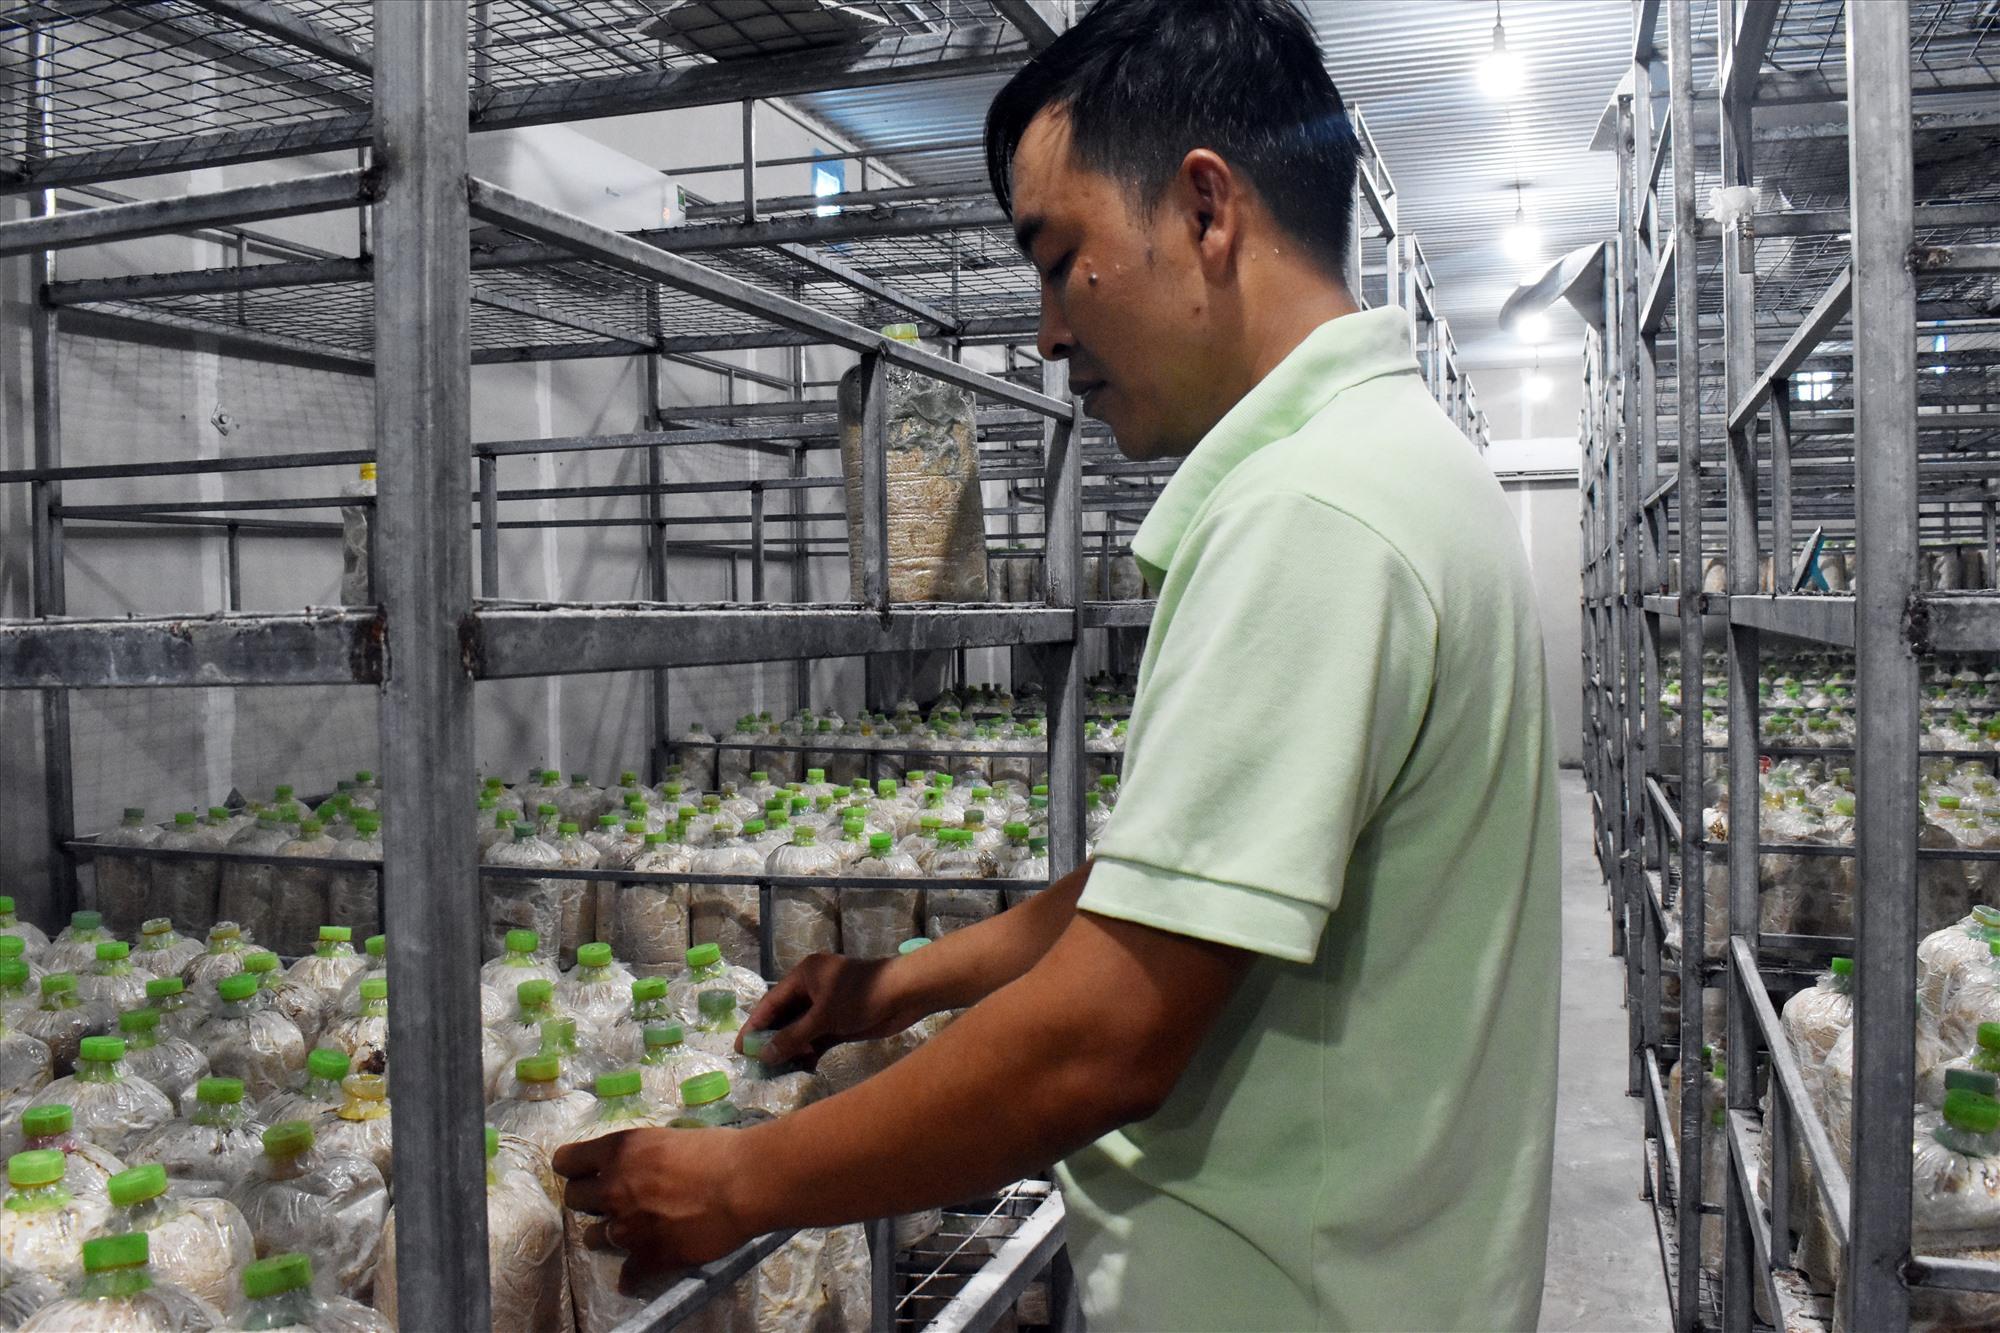 Anh Dương Thái Phong đang chăm sóc phôi trong trại nấm.